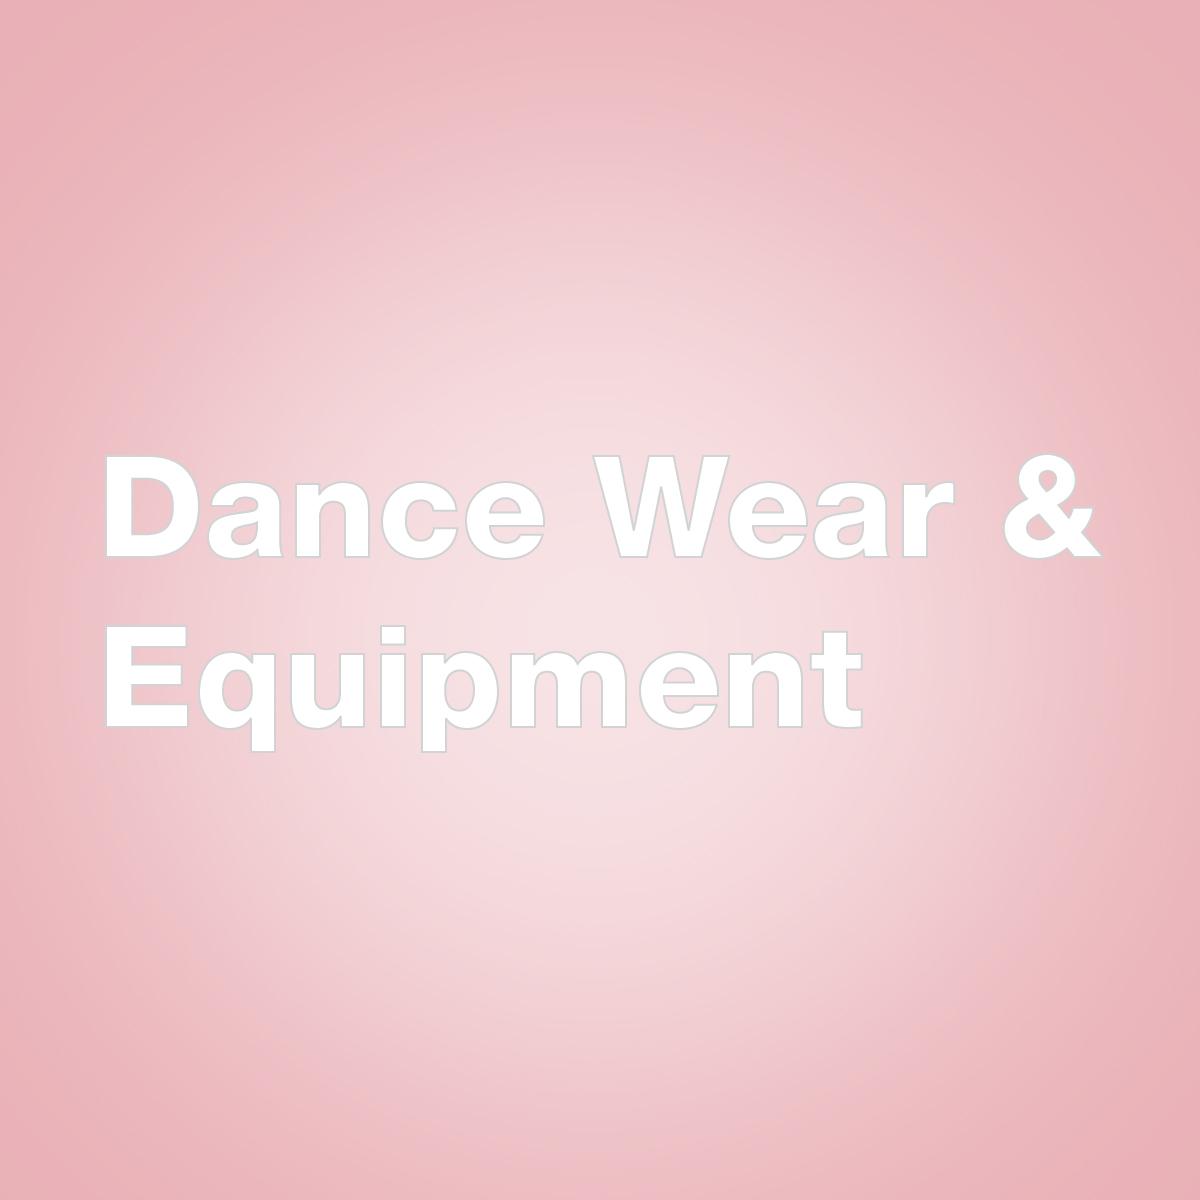 dancewearcalgary